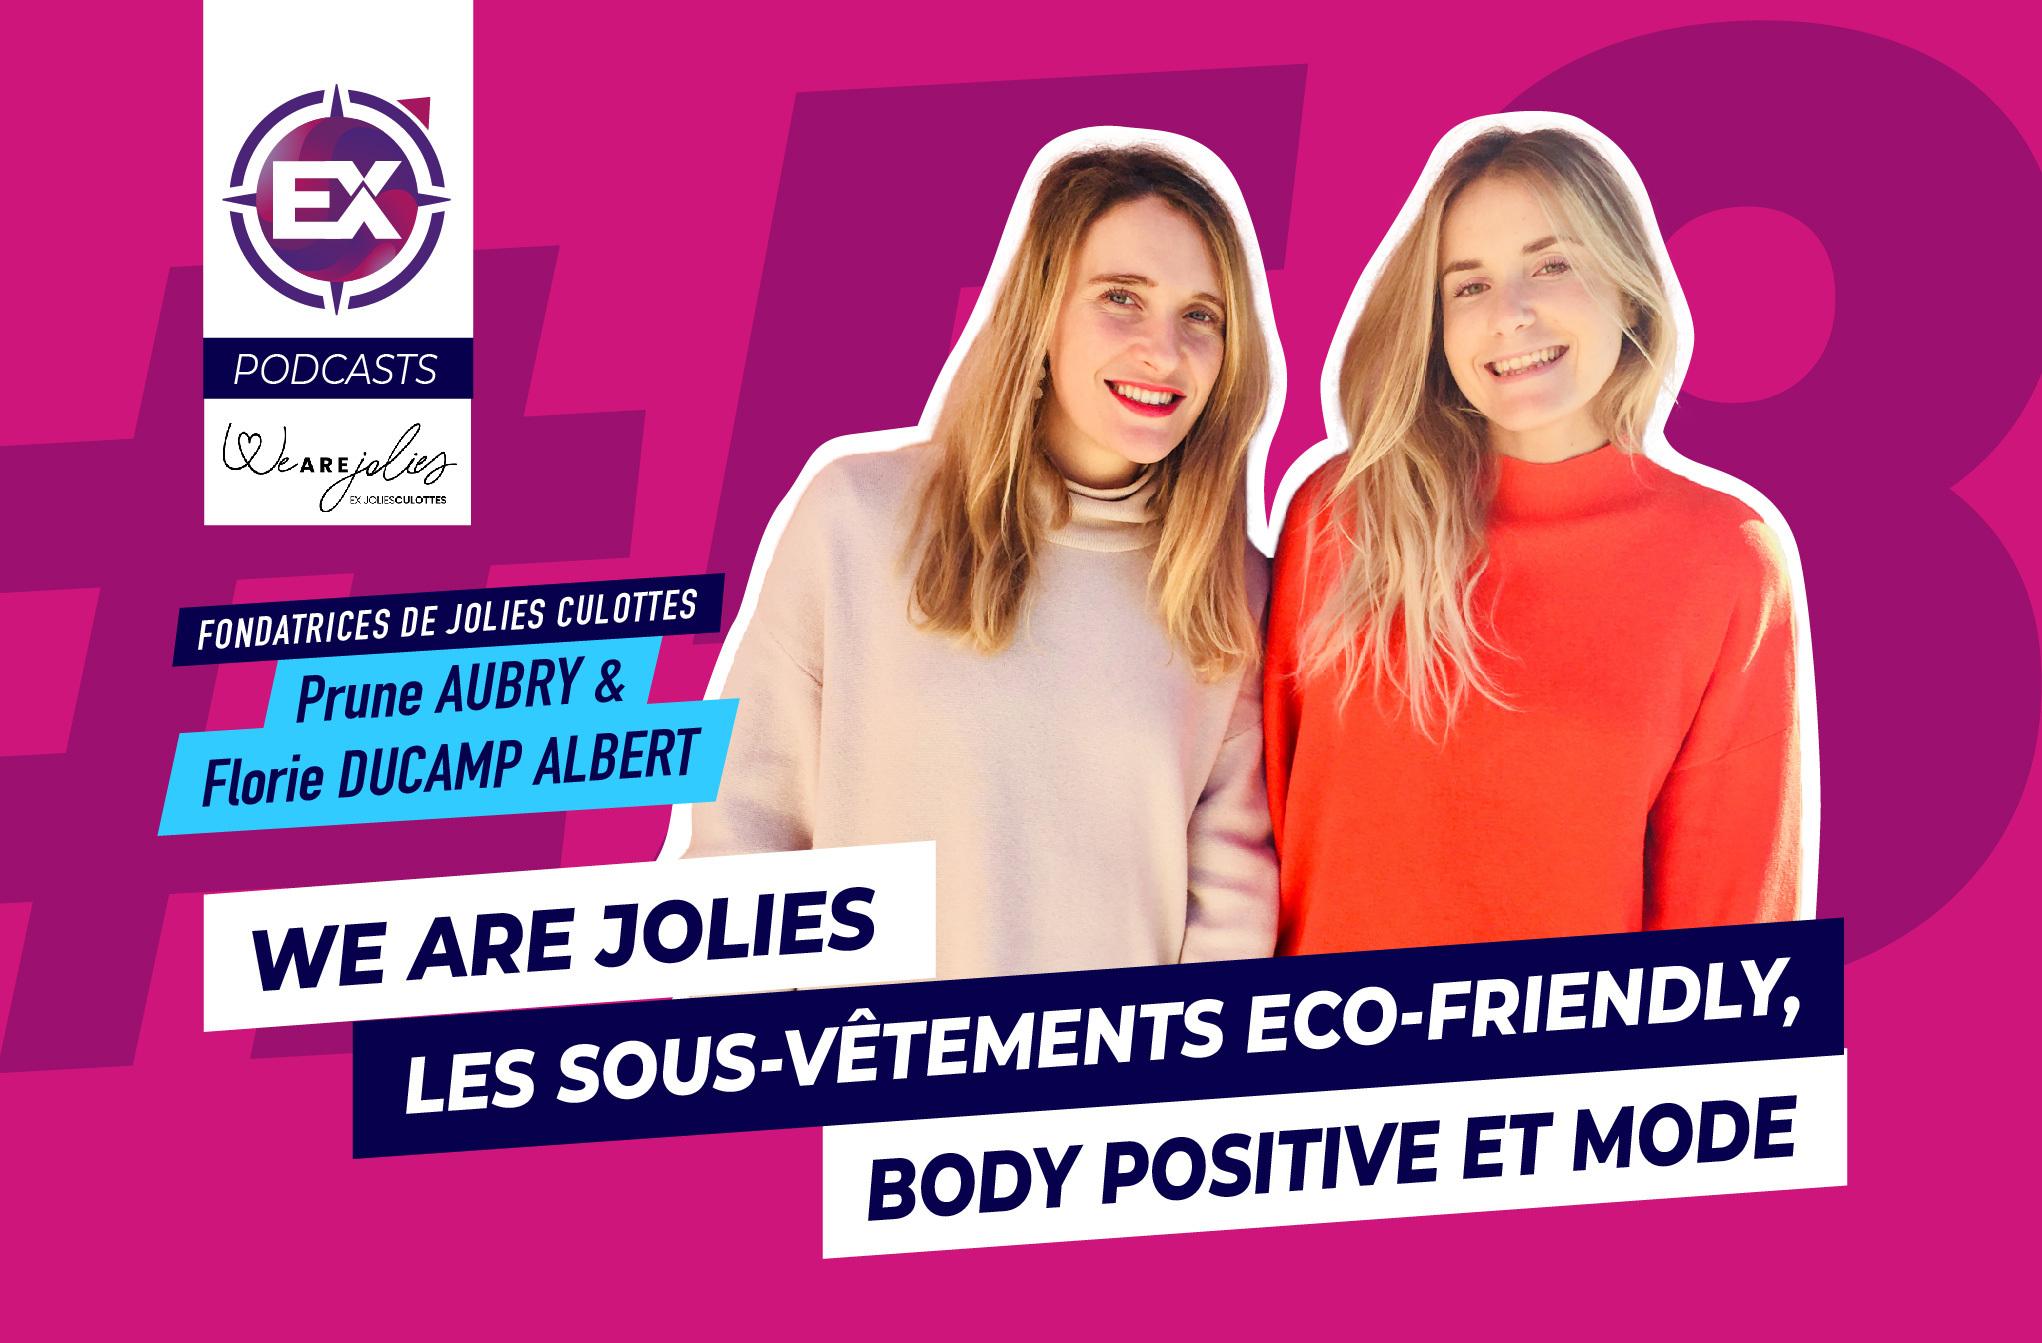 We are Jolies (ex Jolies Culottes) : Les sous-vêtements eco-friendly, body positive et mode